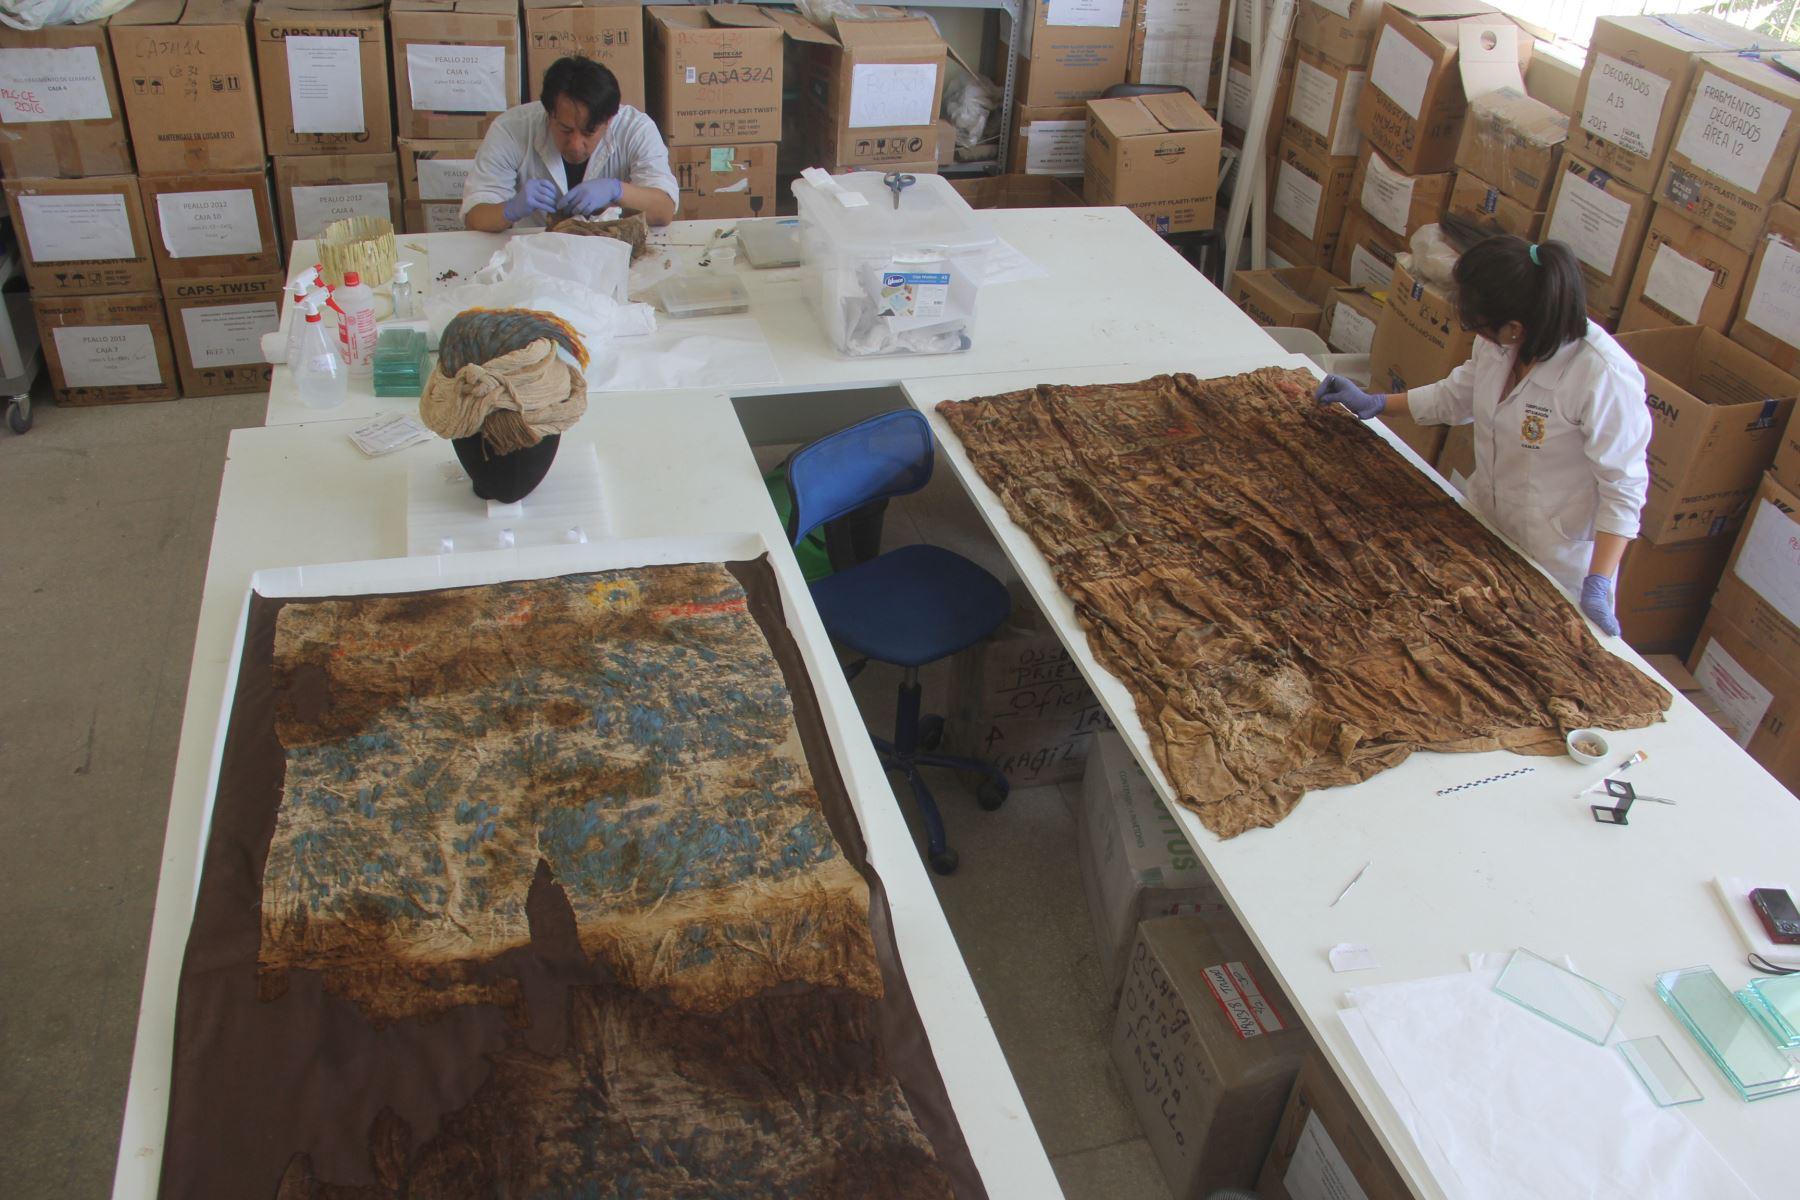 Esta es la primera vez que se hallan textiles junto a contextos funerarios, afirman investigadores que hicieron descubrimiento. ANDINA/Luis Puell